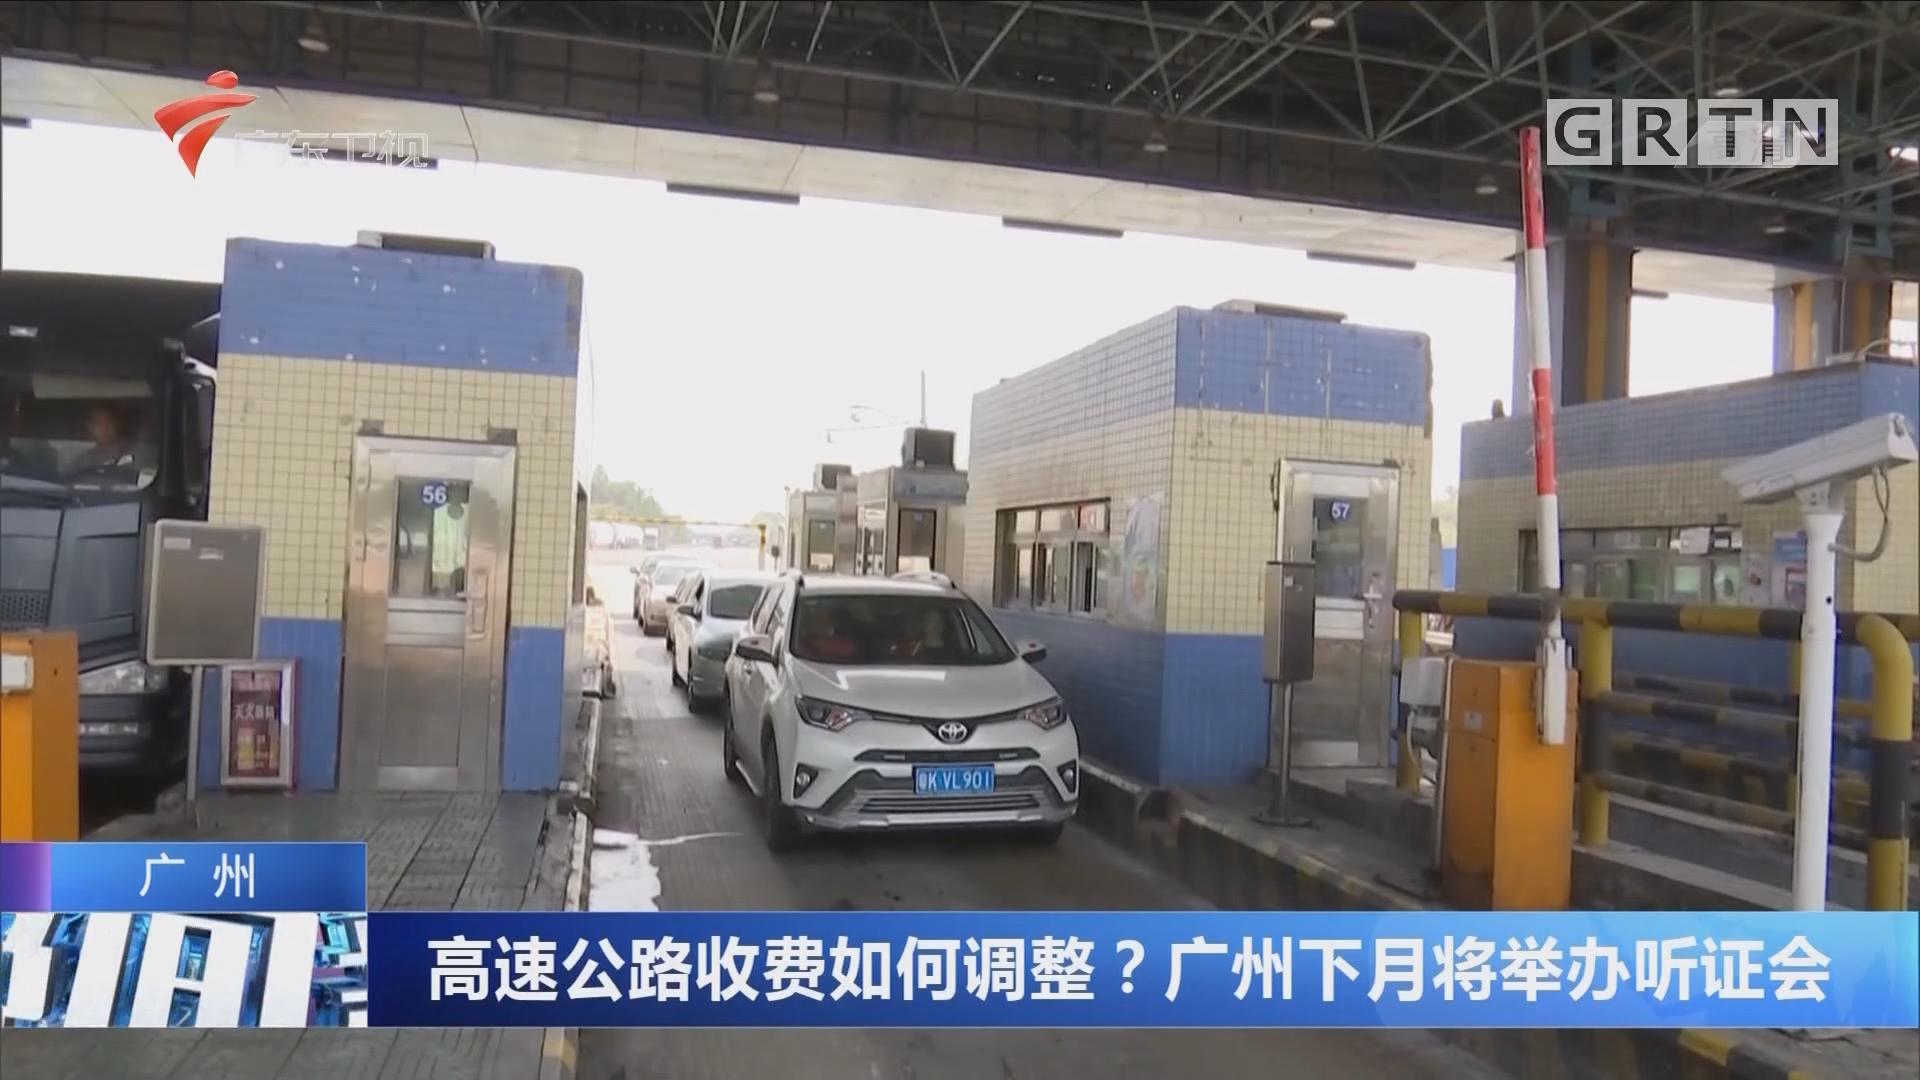 广州:高速公路收费如何调整?广州下月将举办听证会